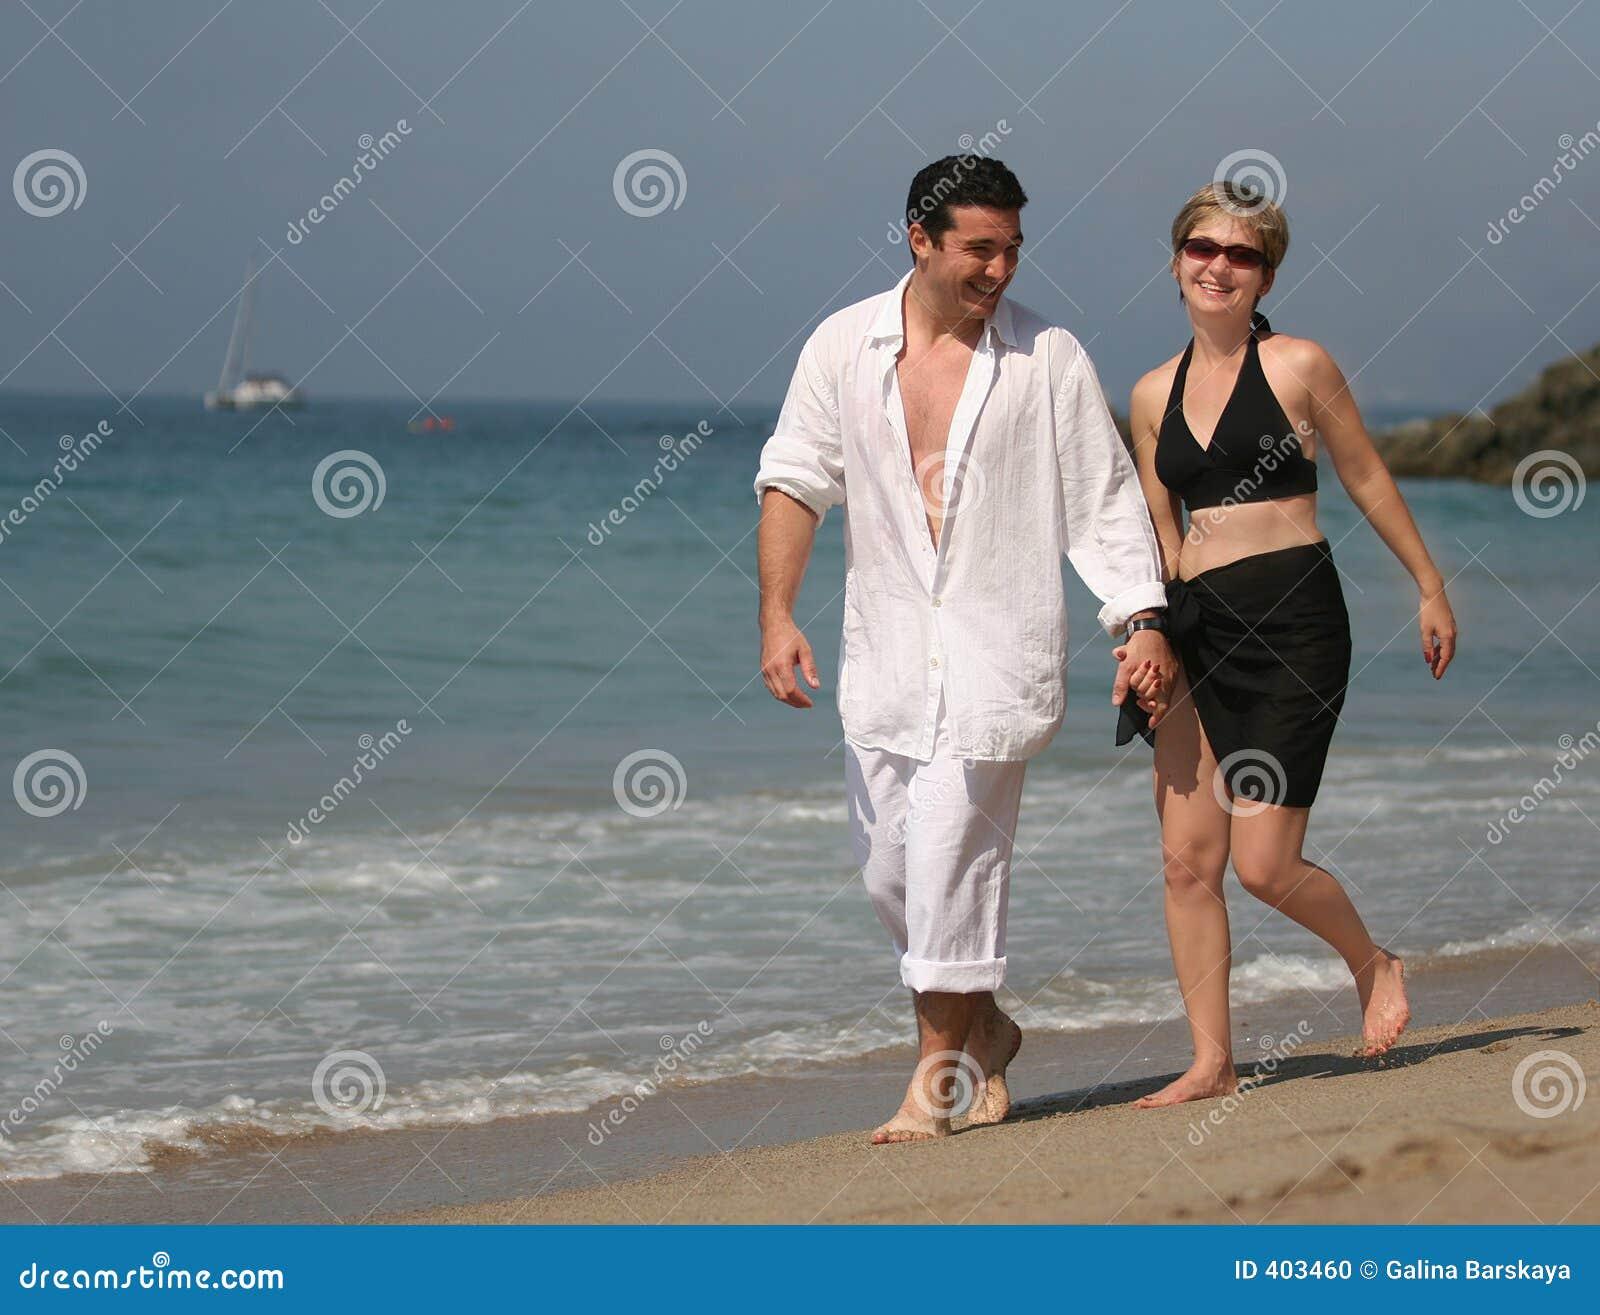 Couple On The Beach Stock Photo. Image Of Enjoying, Couple